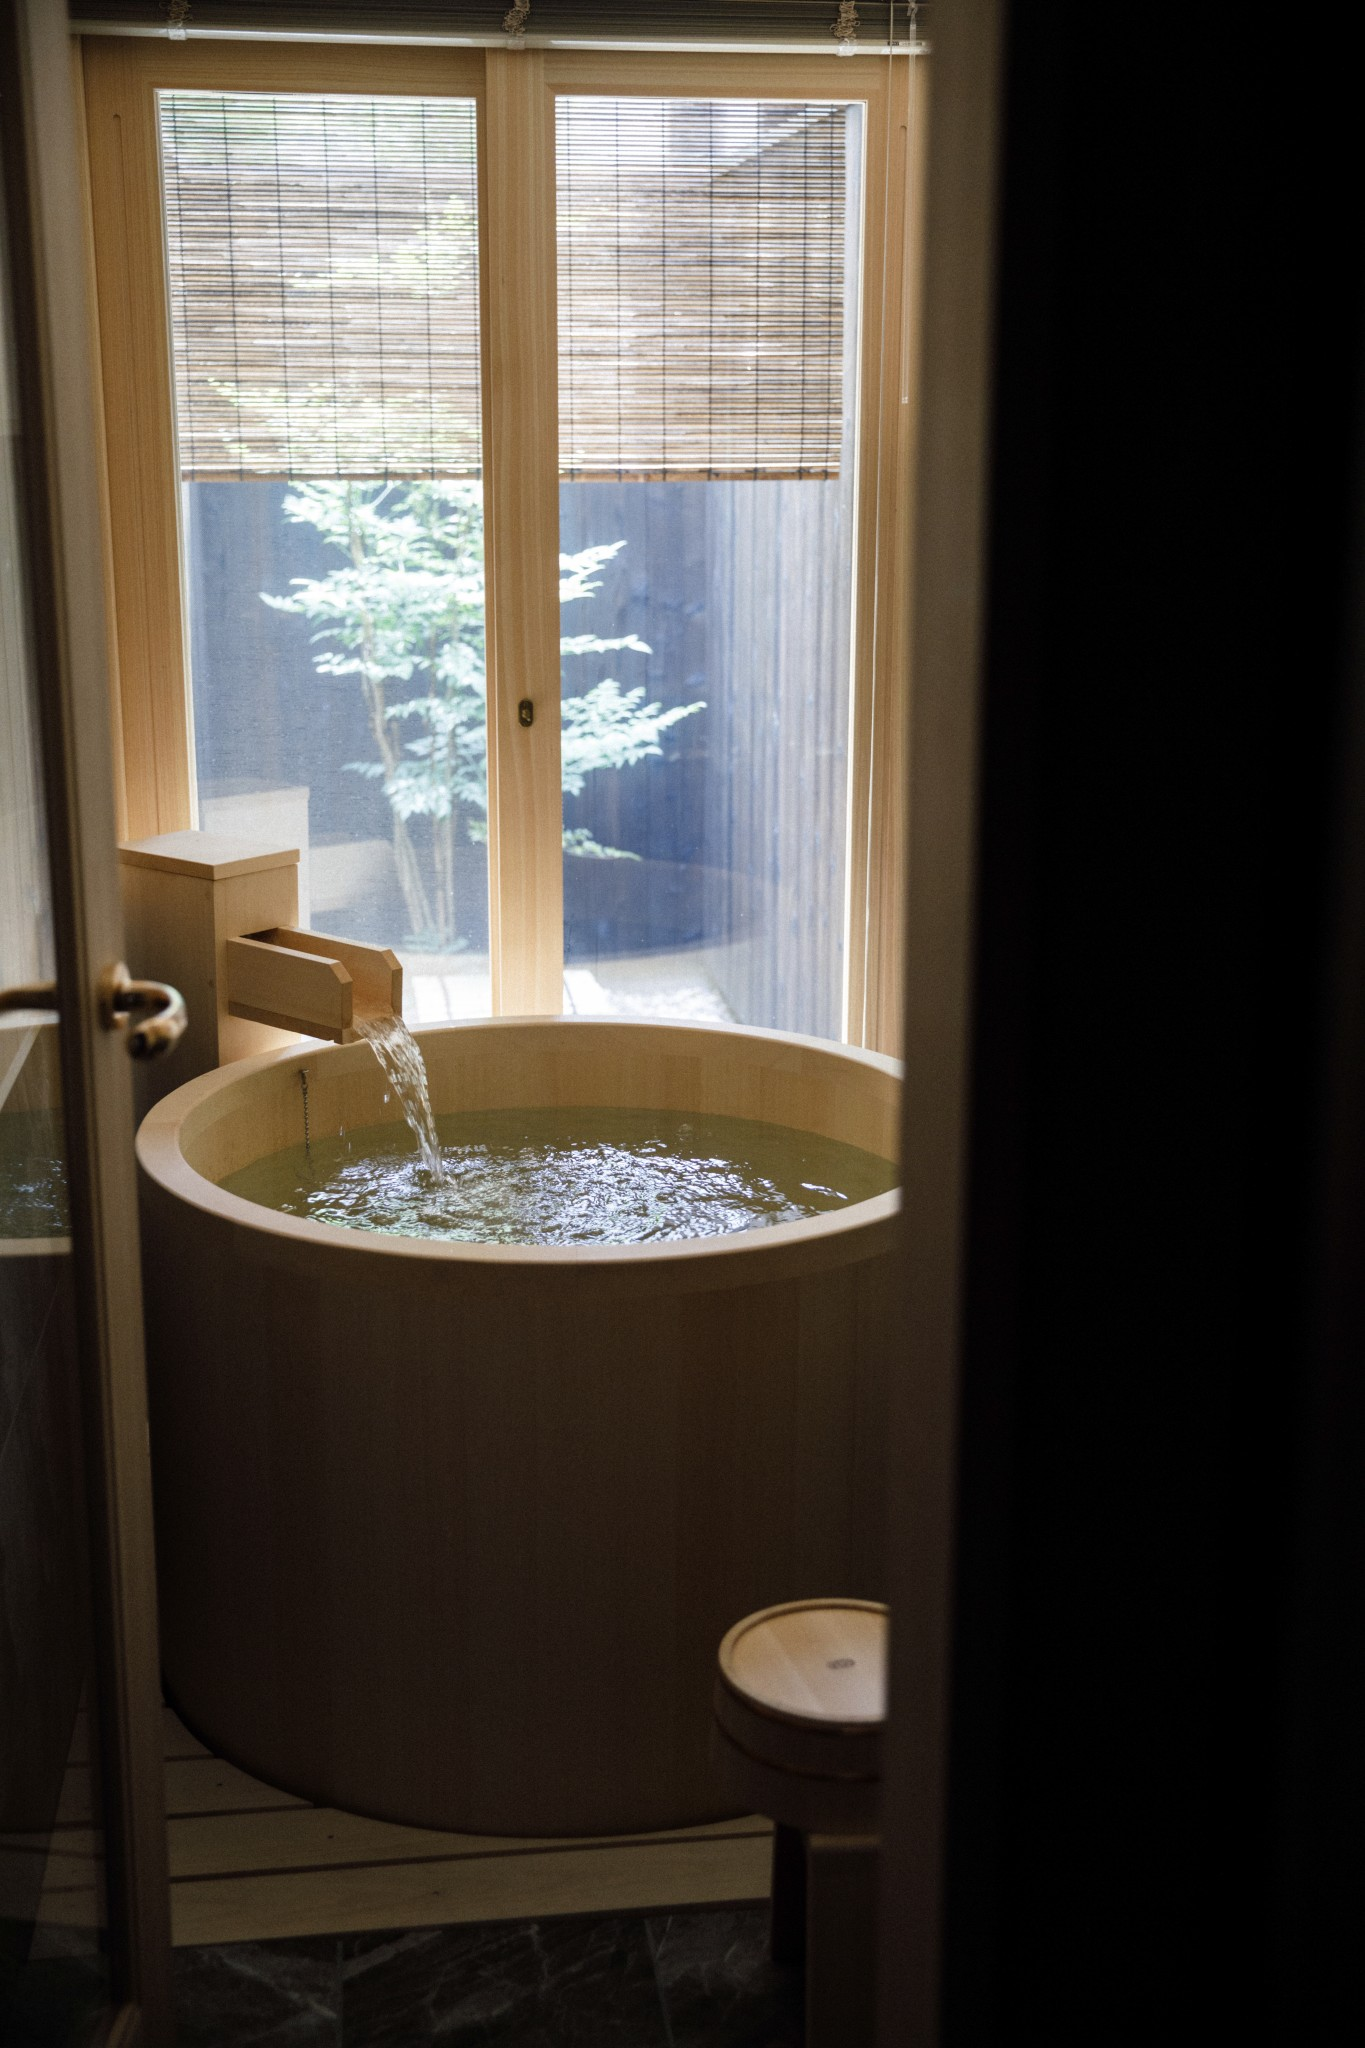 景色も抜群!【京都】客室風呂が人気の癒し宿4選